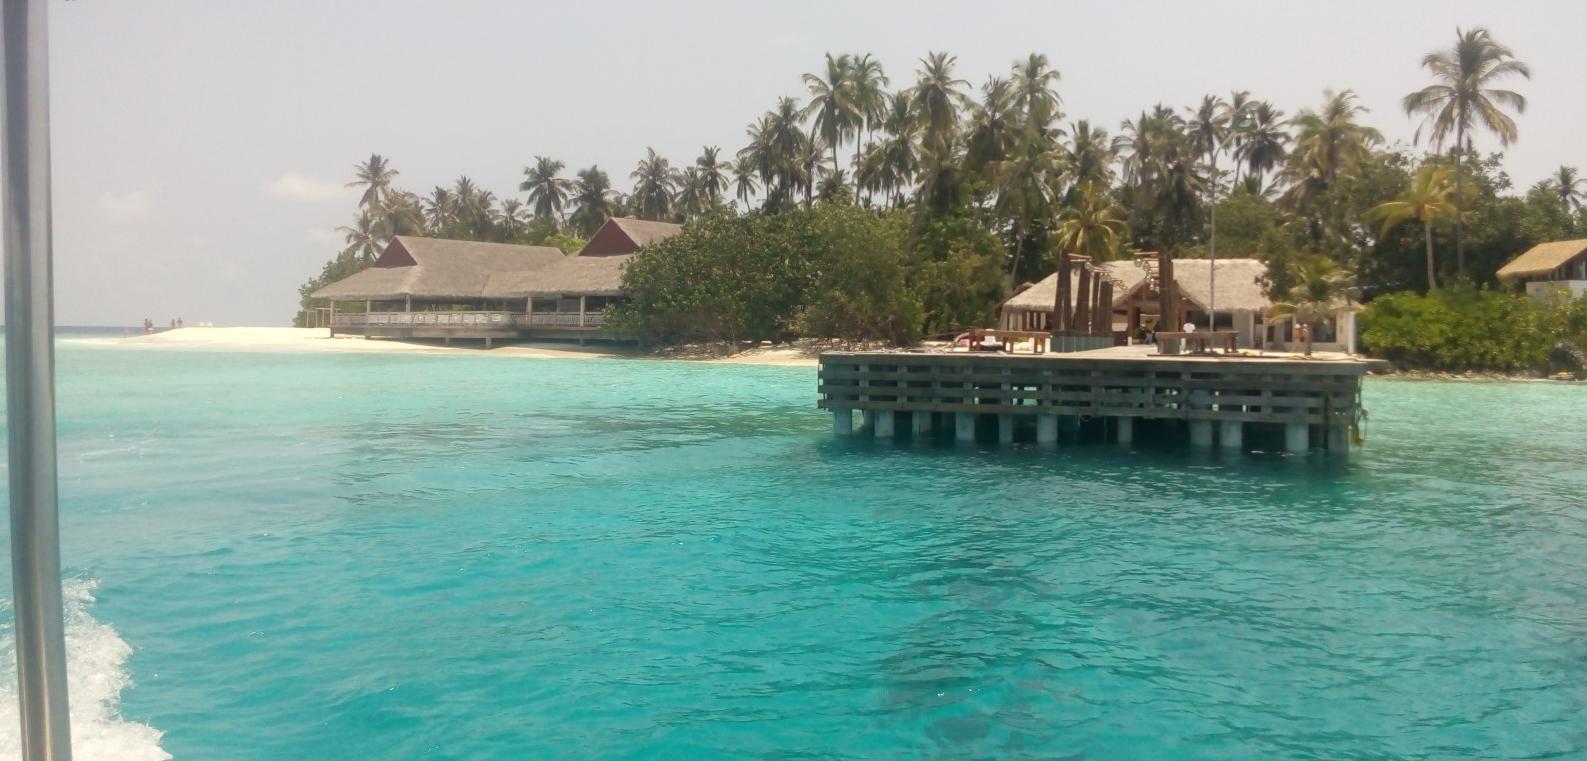 Неделя на Мальдивах в январе и отзыв о тарифе GlobalSim Direct